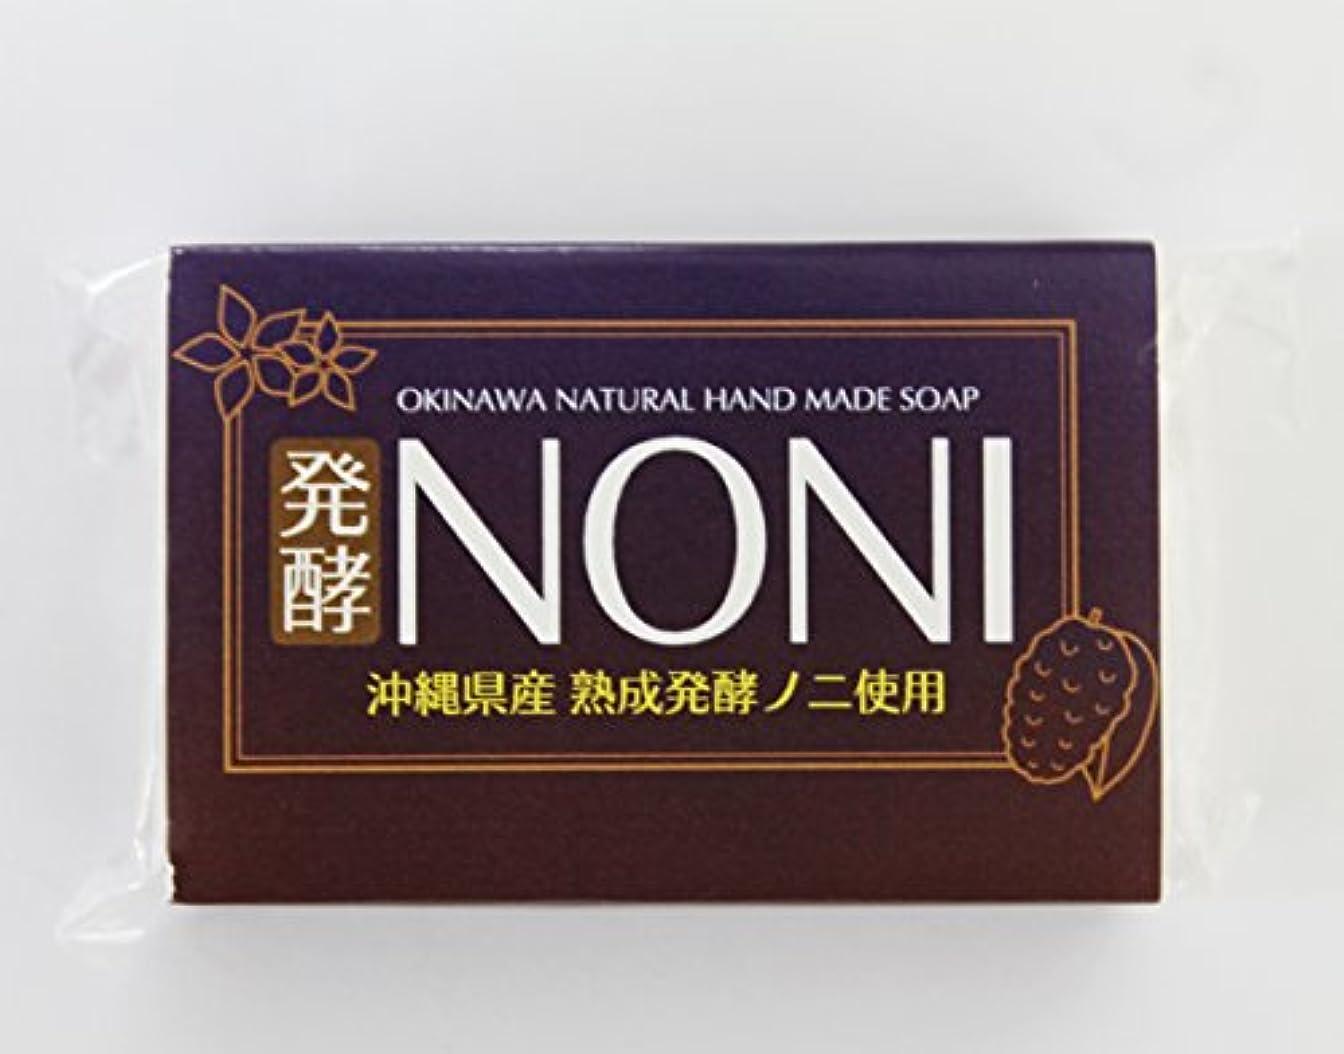 リップ免疫輸血沖縄 手作り ナチュラル洗顔 NONI石鹸 100g×30個 GreenEarth 発酵ノニを使用した保湿力の高いナチュラルソープ